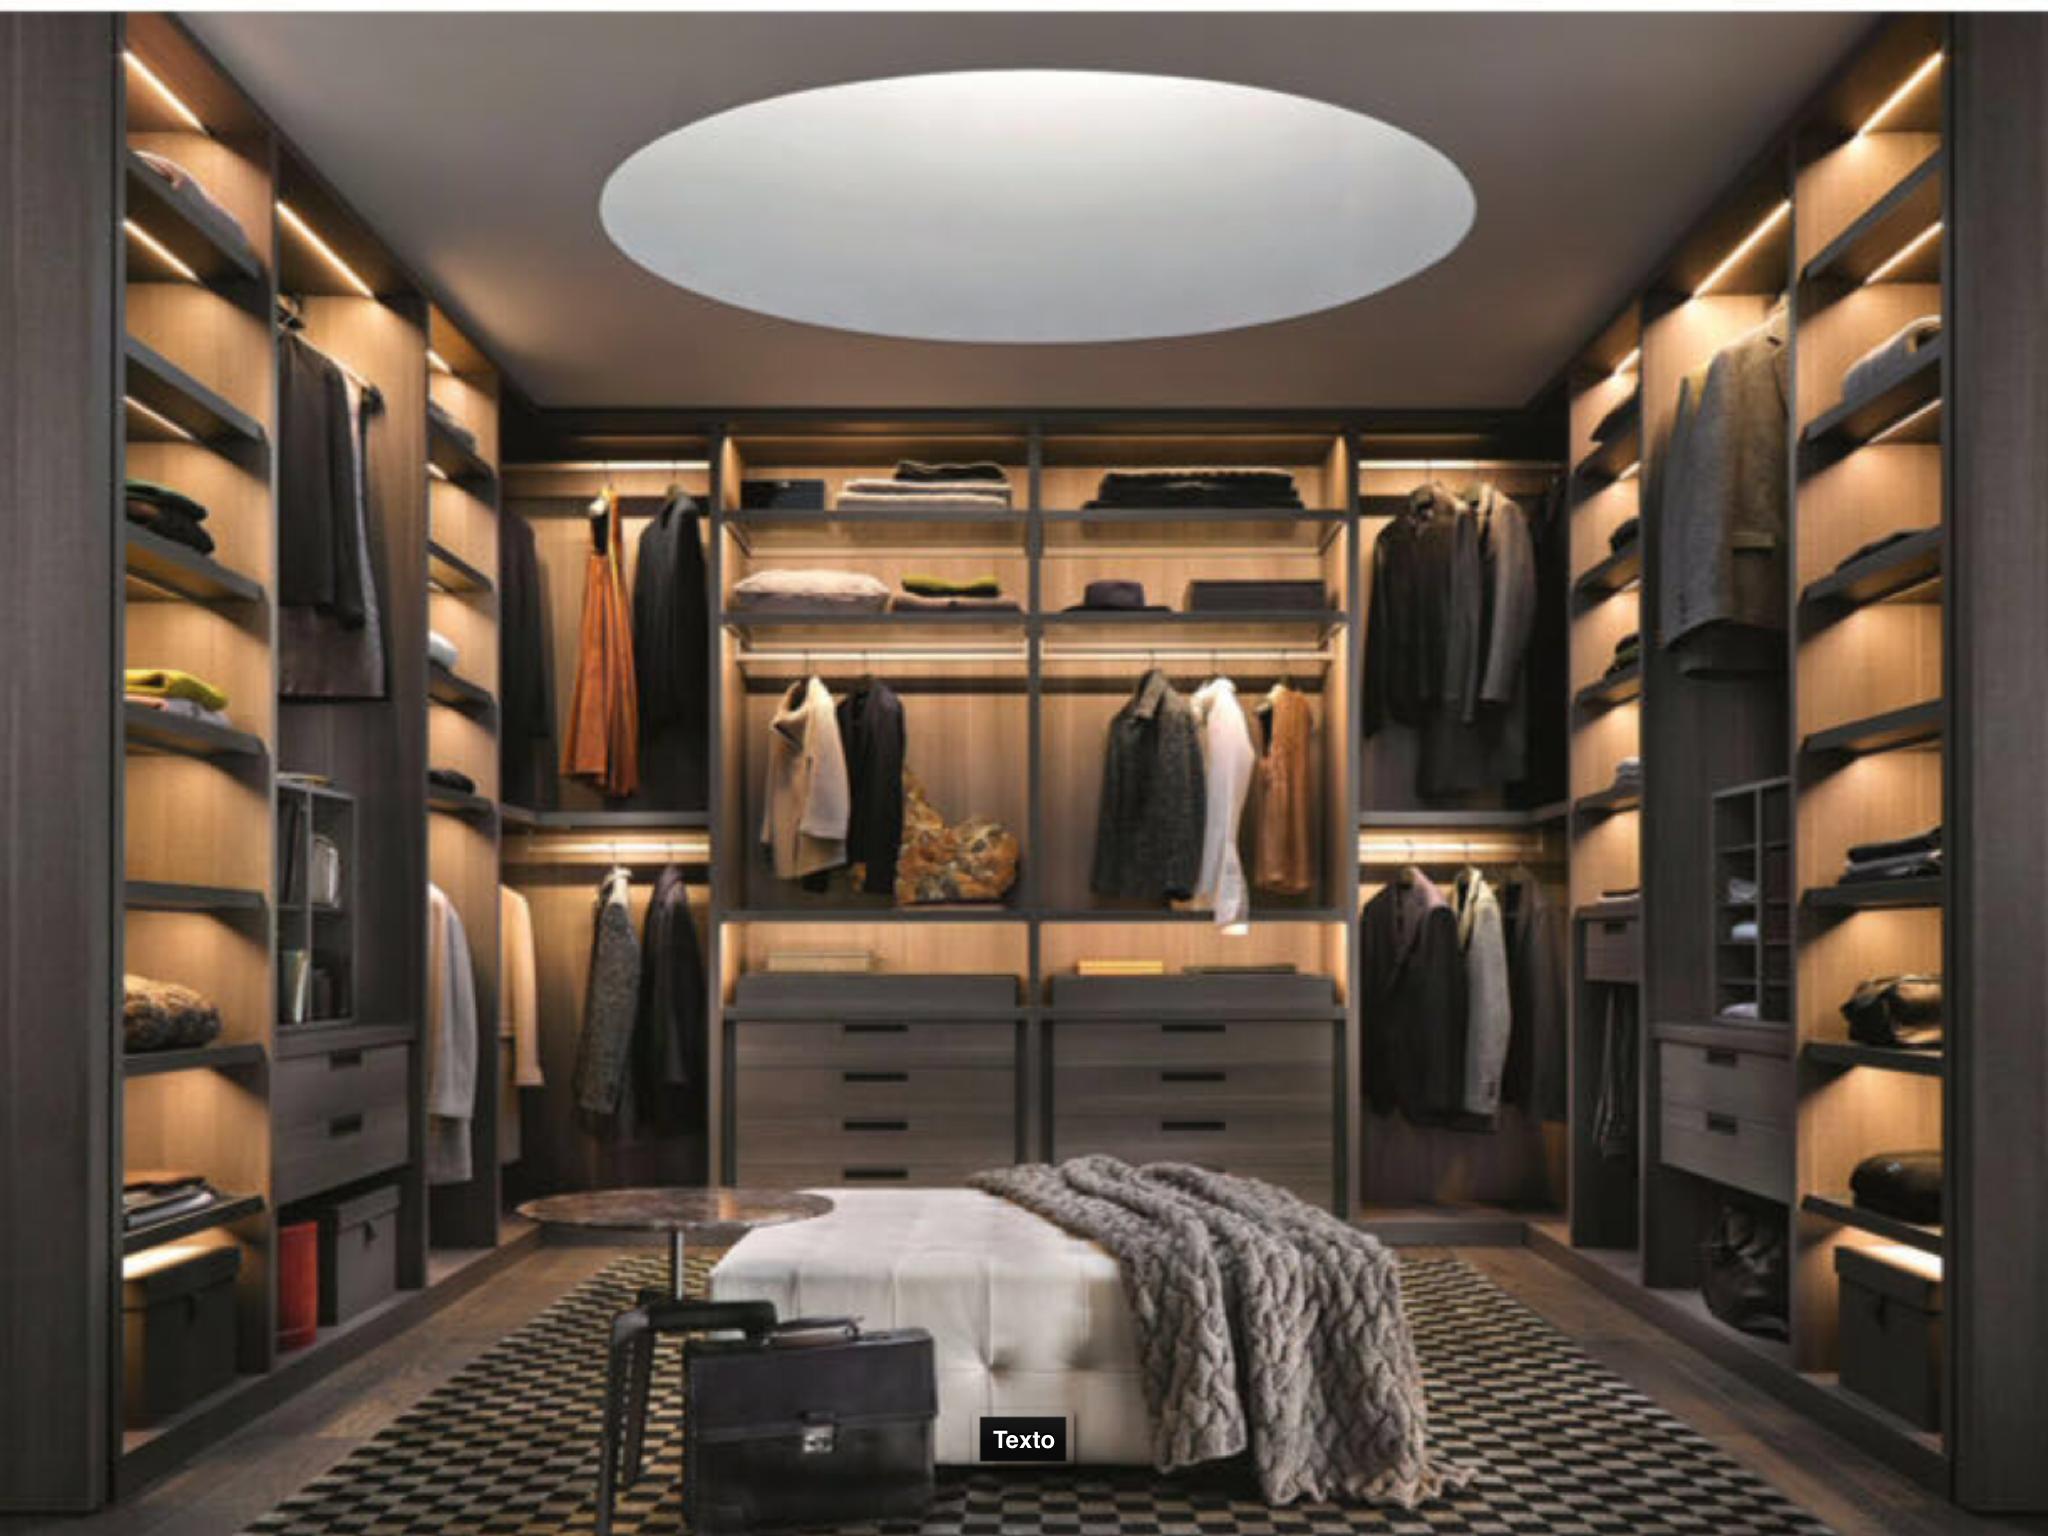 Ankleidezimmer Englisch ~ Wardrobes #closet #armoire storage hardware accessories for